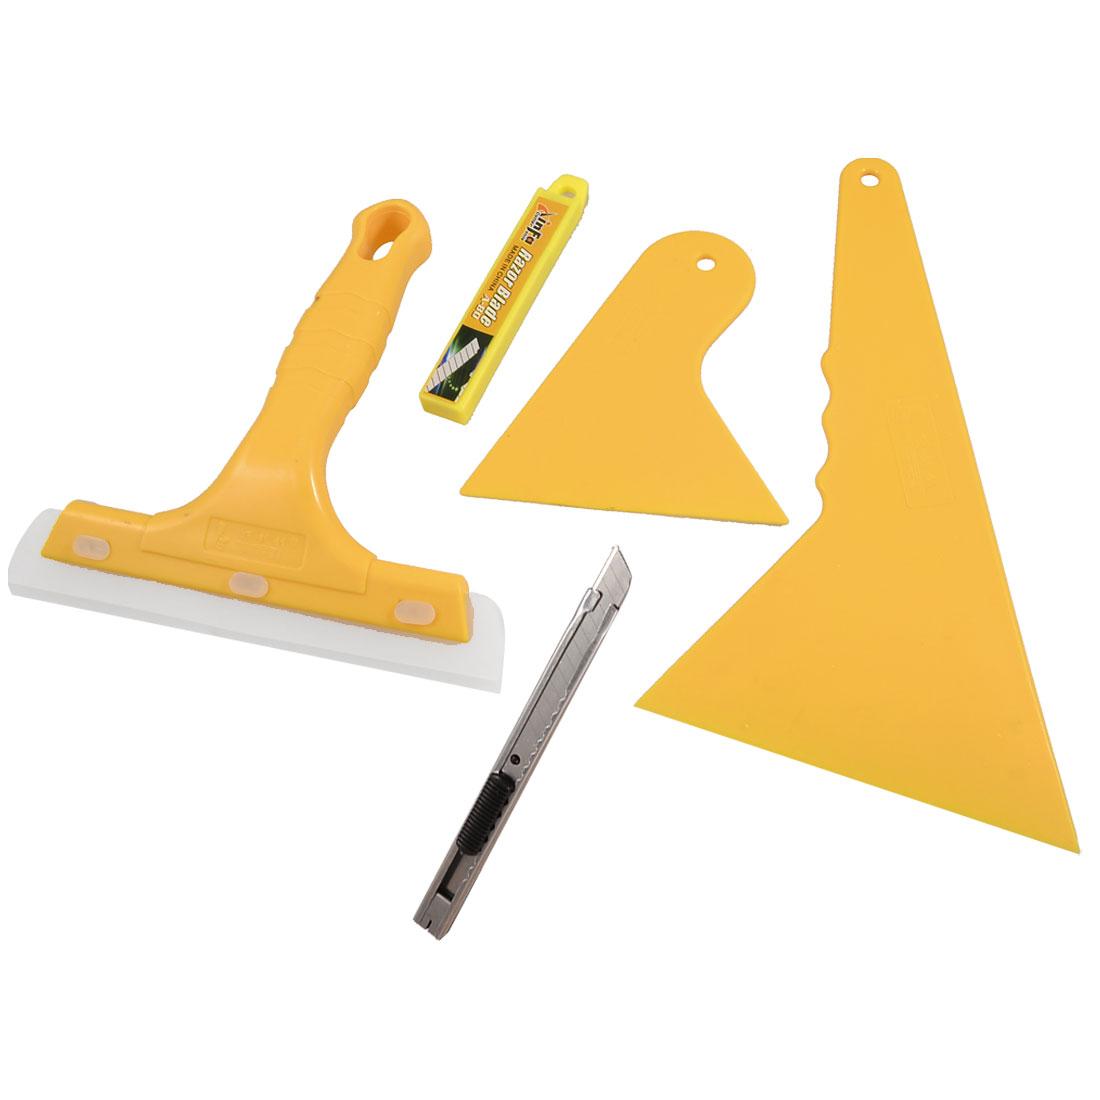 5 in 1 Yellow Plastic Window Glass Wiper Blade Cutter Film Scraper Set